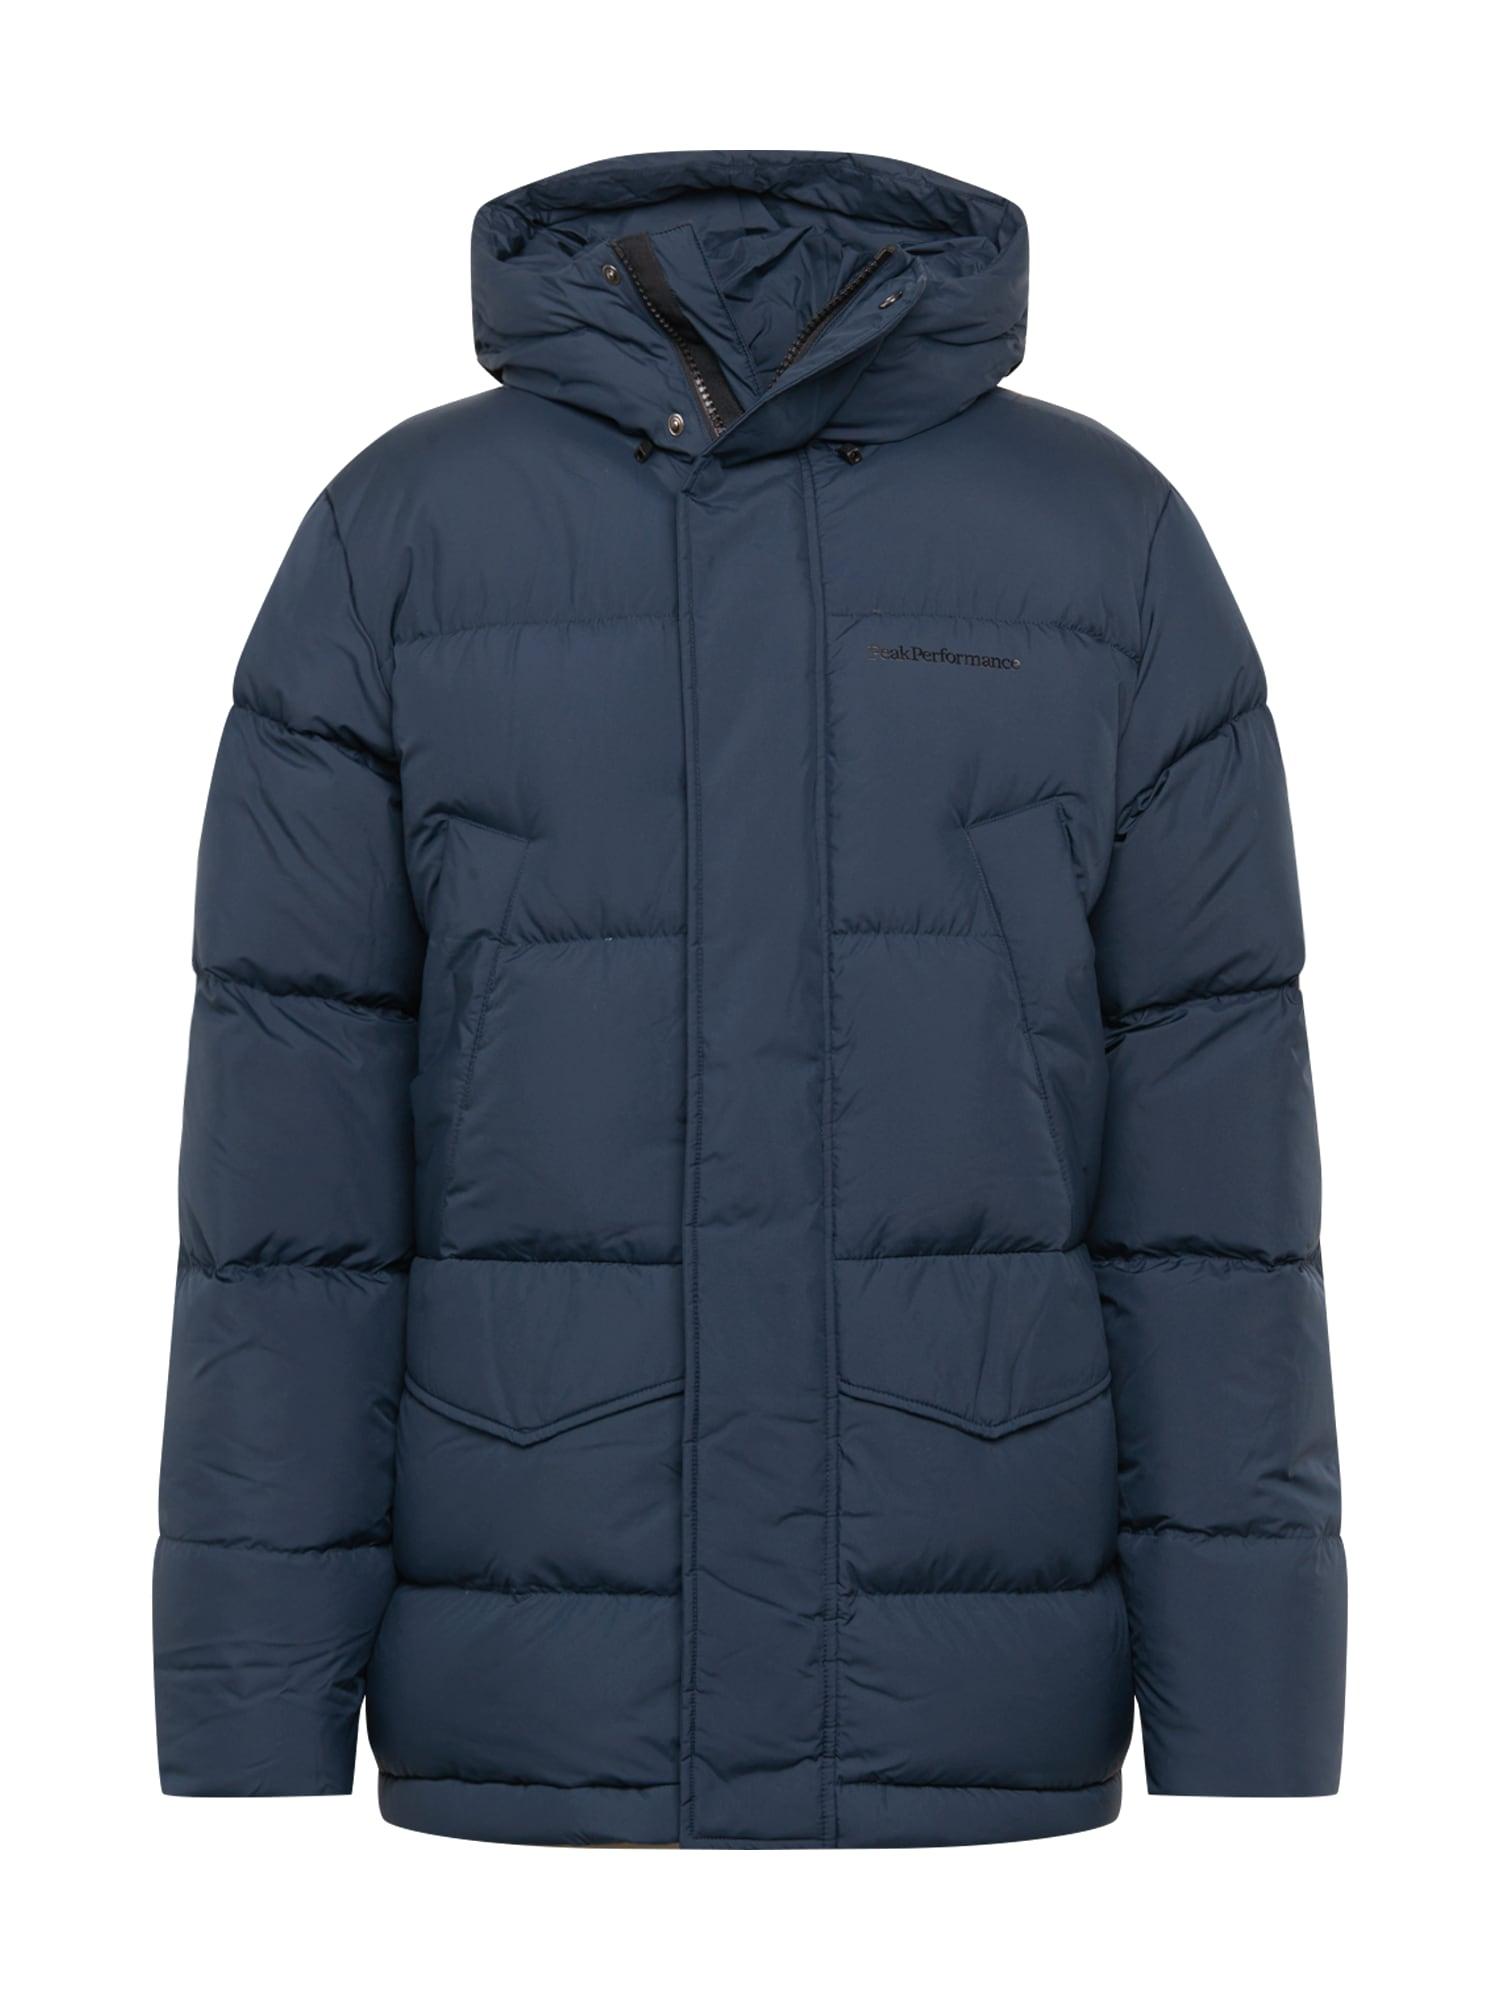 PEAK PERFORMANCE Žieminė striukė tamsiai mėlyna